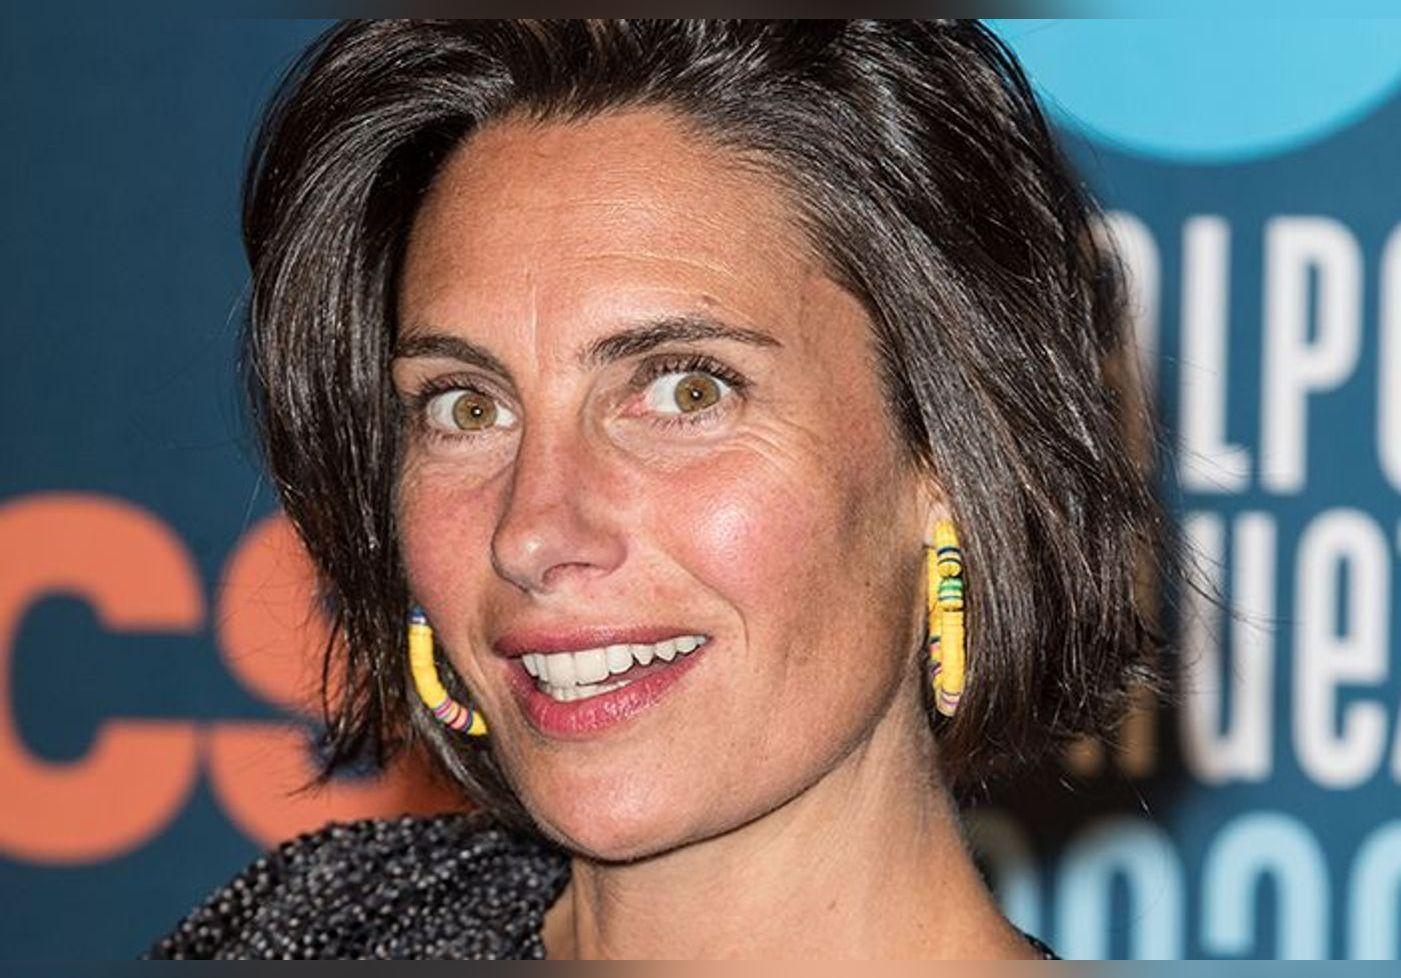 Alessandra Sublet Sans Maquillage Et Sans Son Brushing Elle Decomplexe Les Femmes Avec Un Message Inspirant